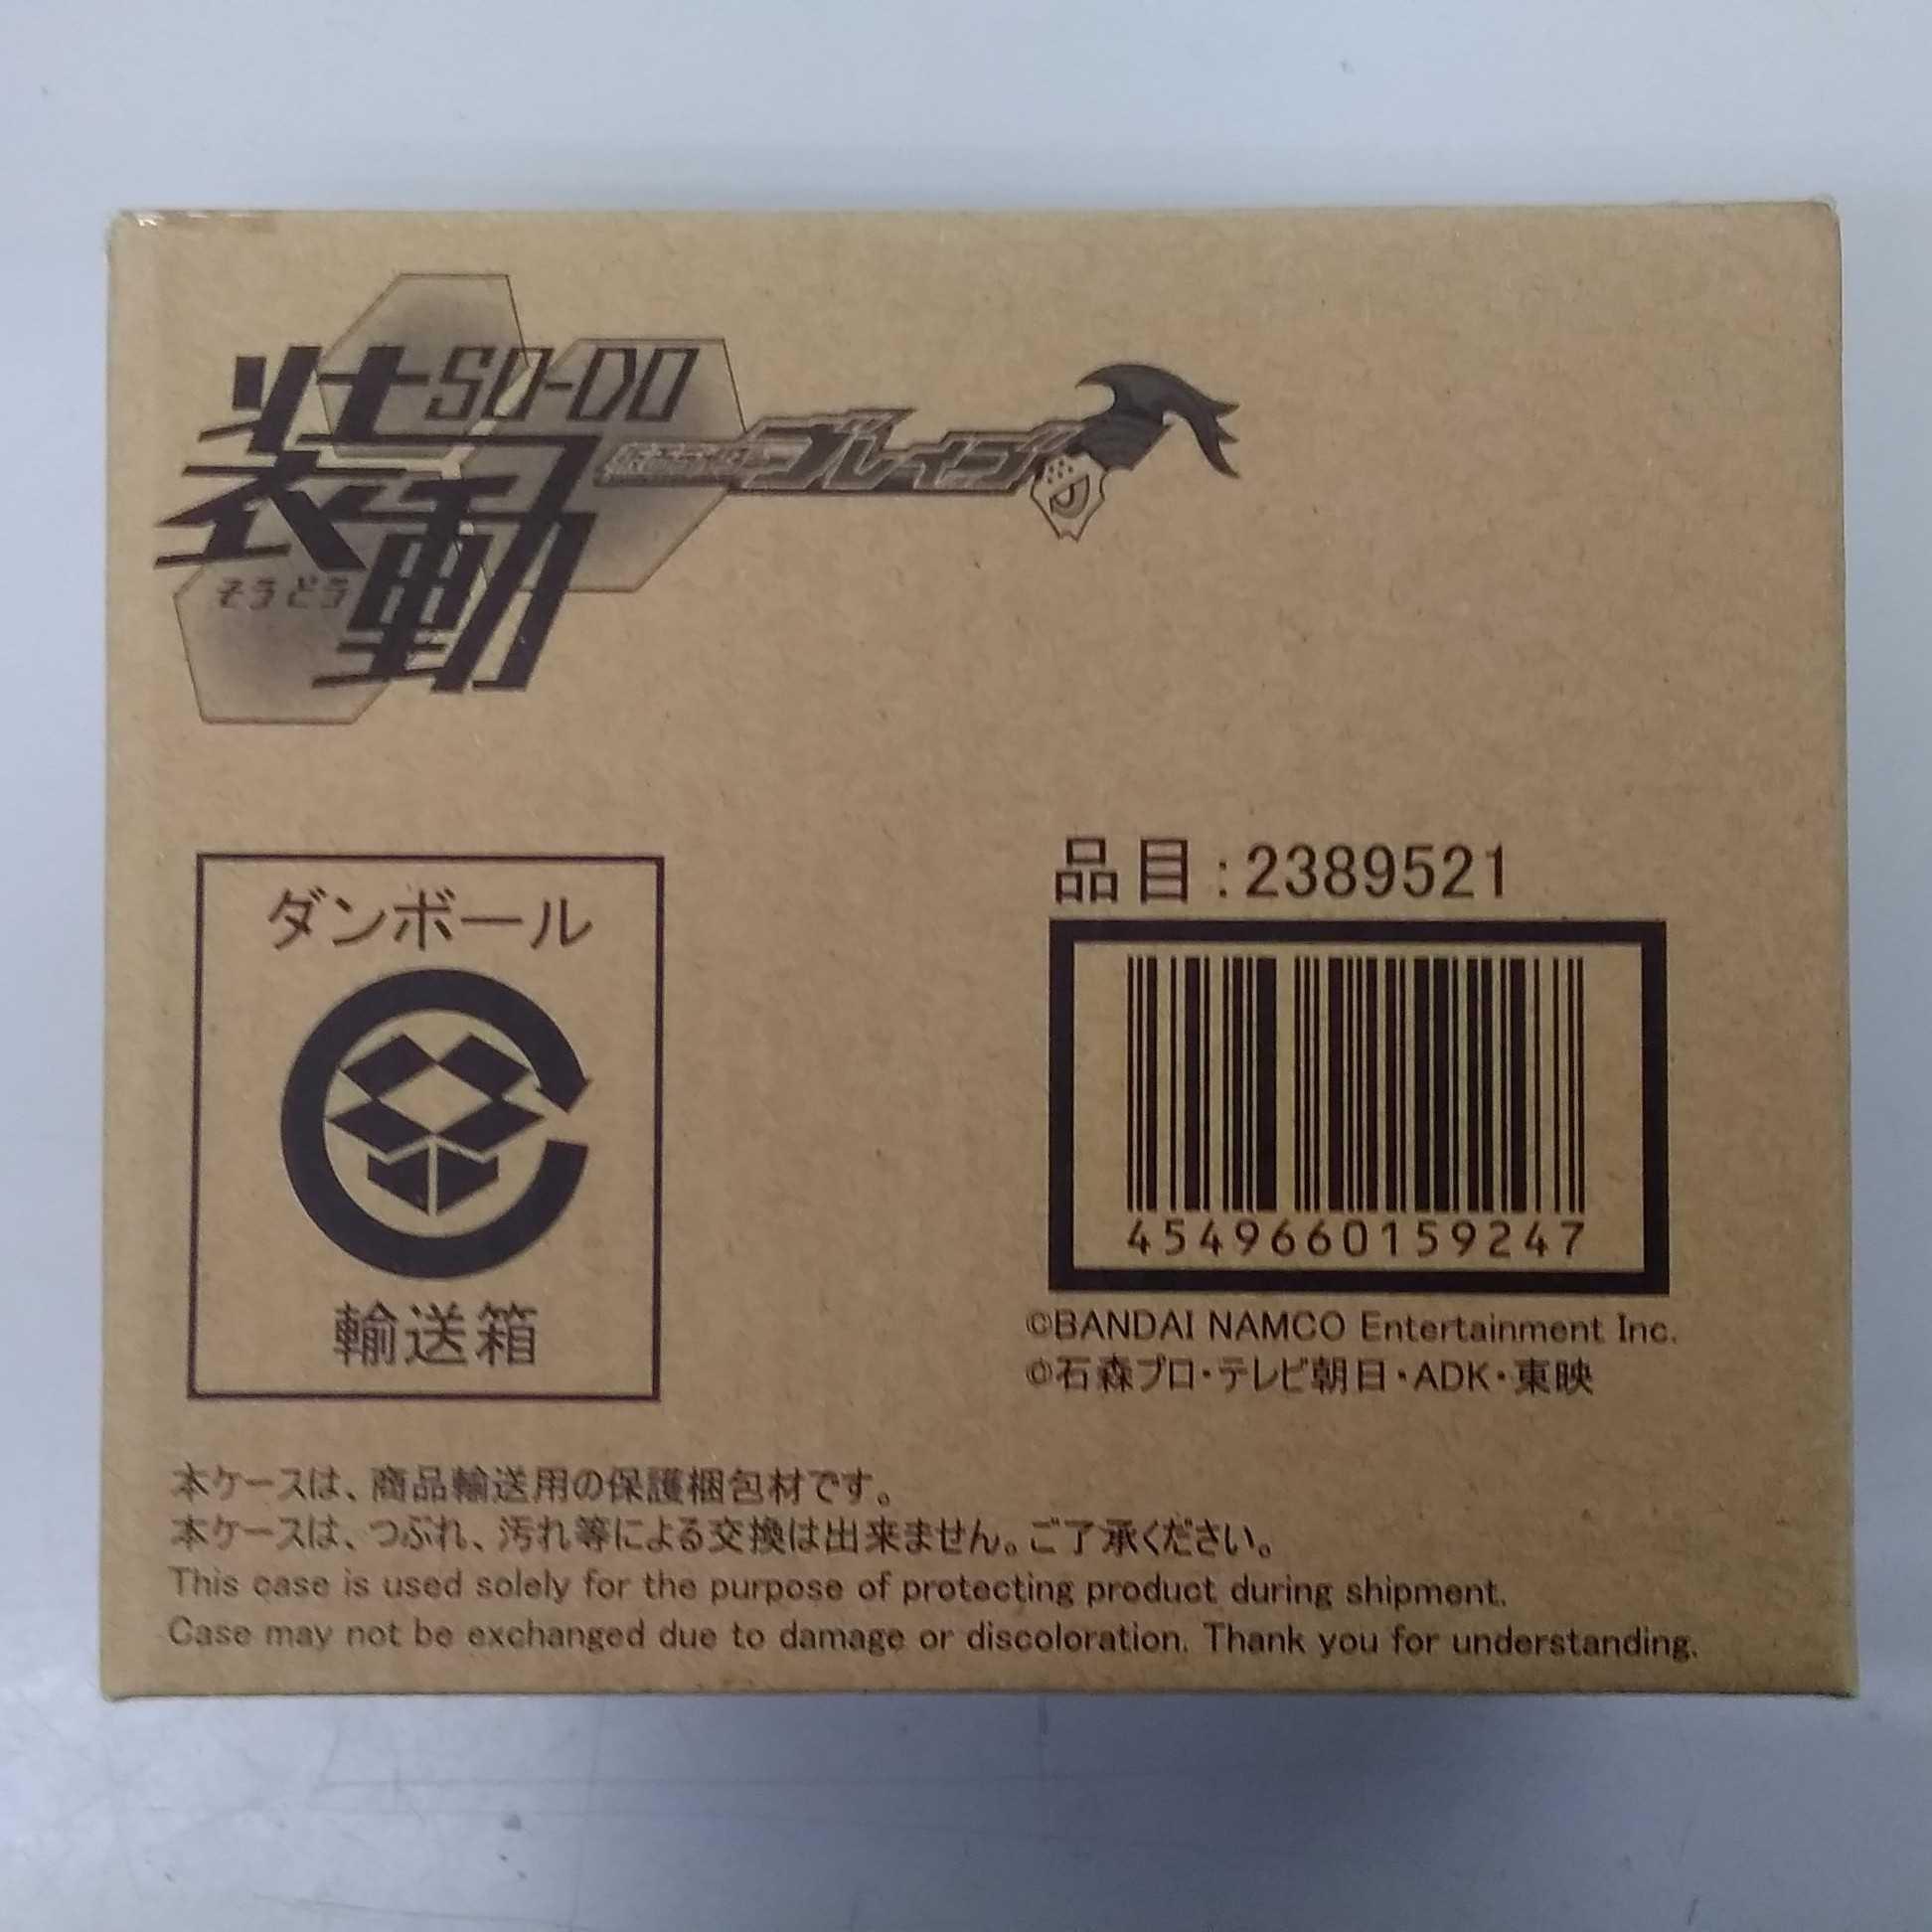 【未開封】装動 仮面ライダーエグゼイド 仮面ライダーブレイブ|BANDAI